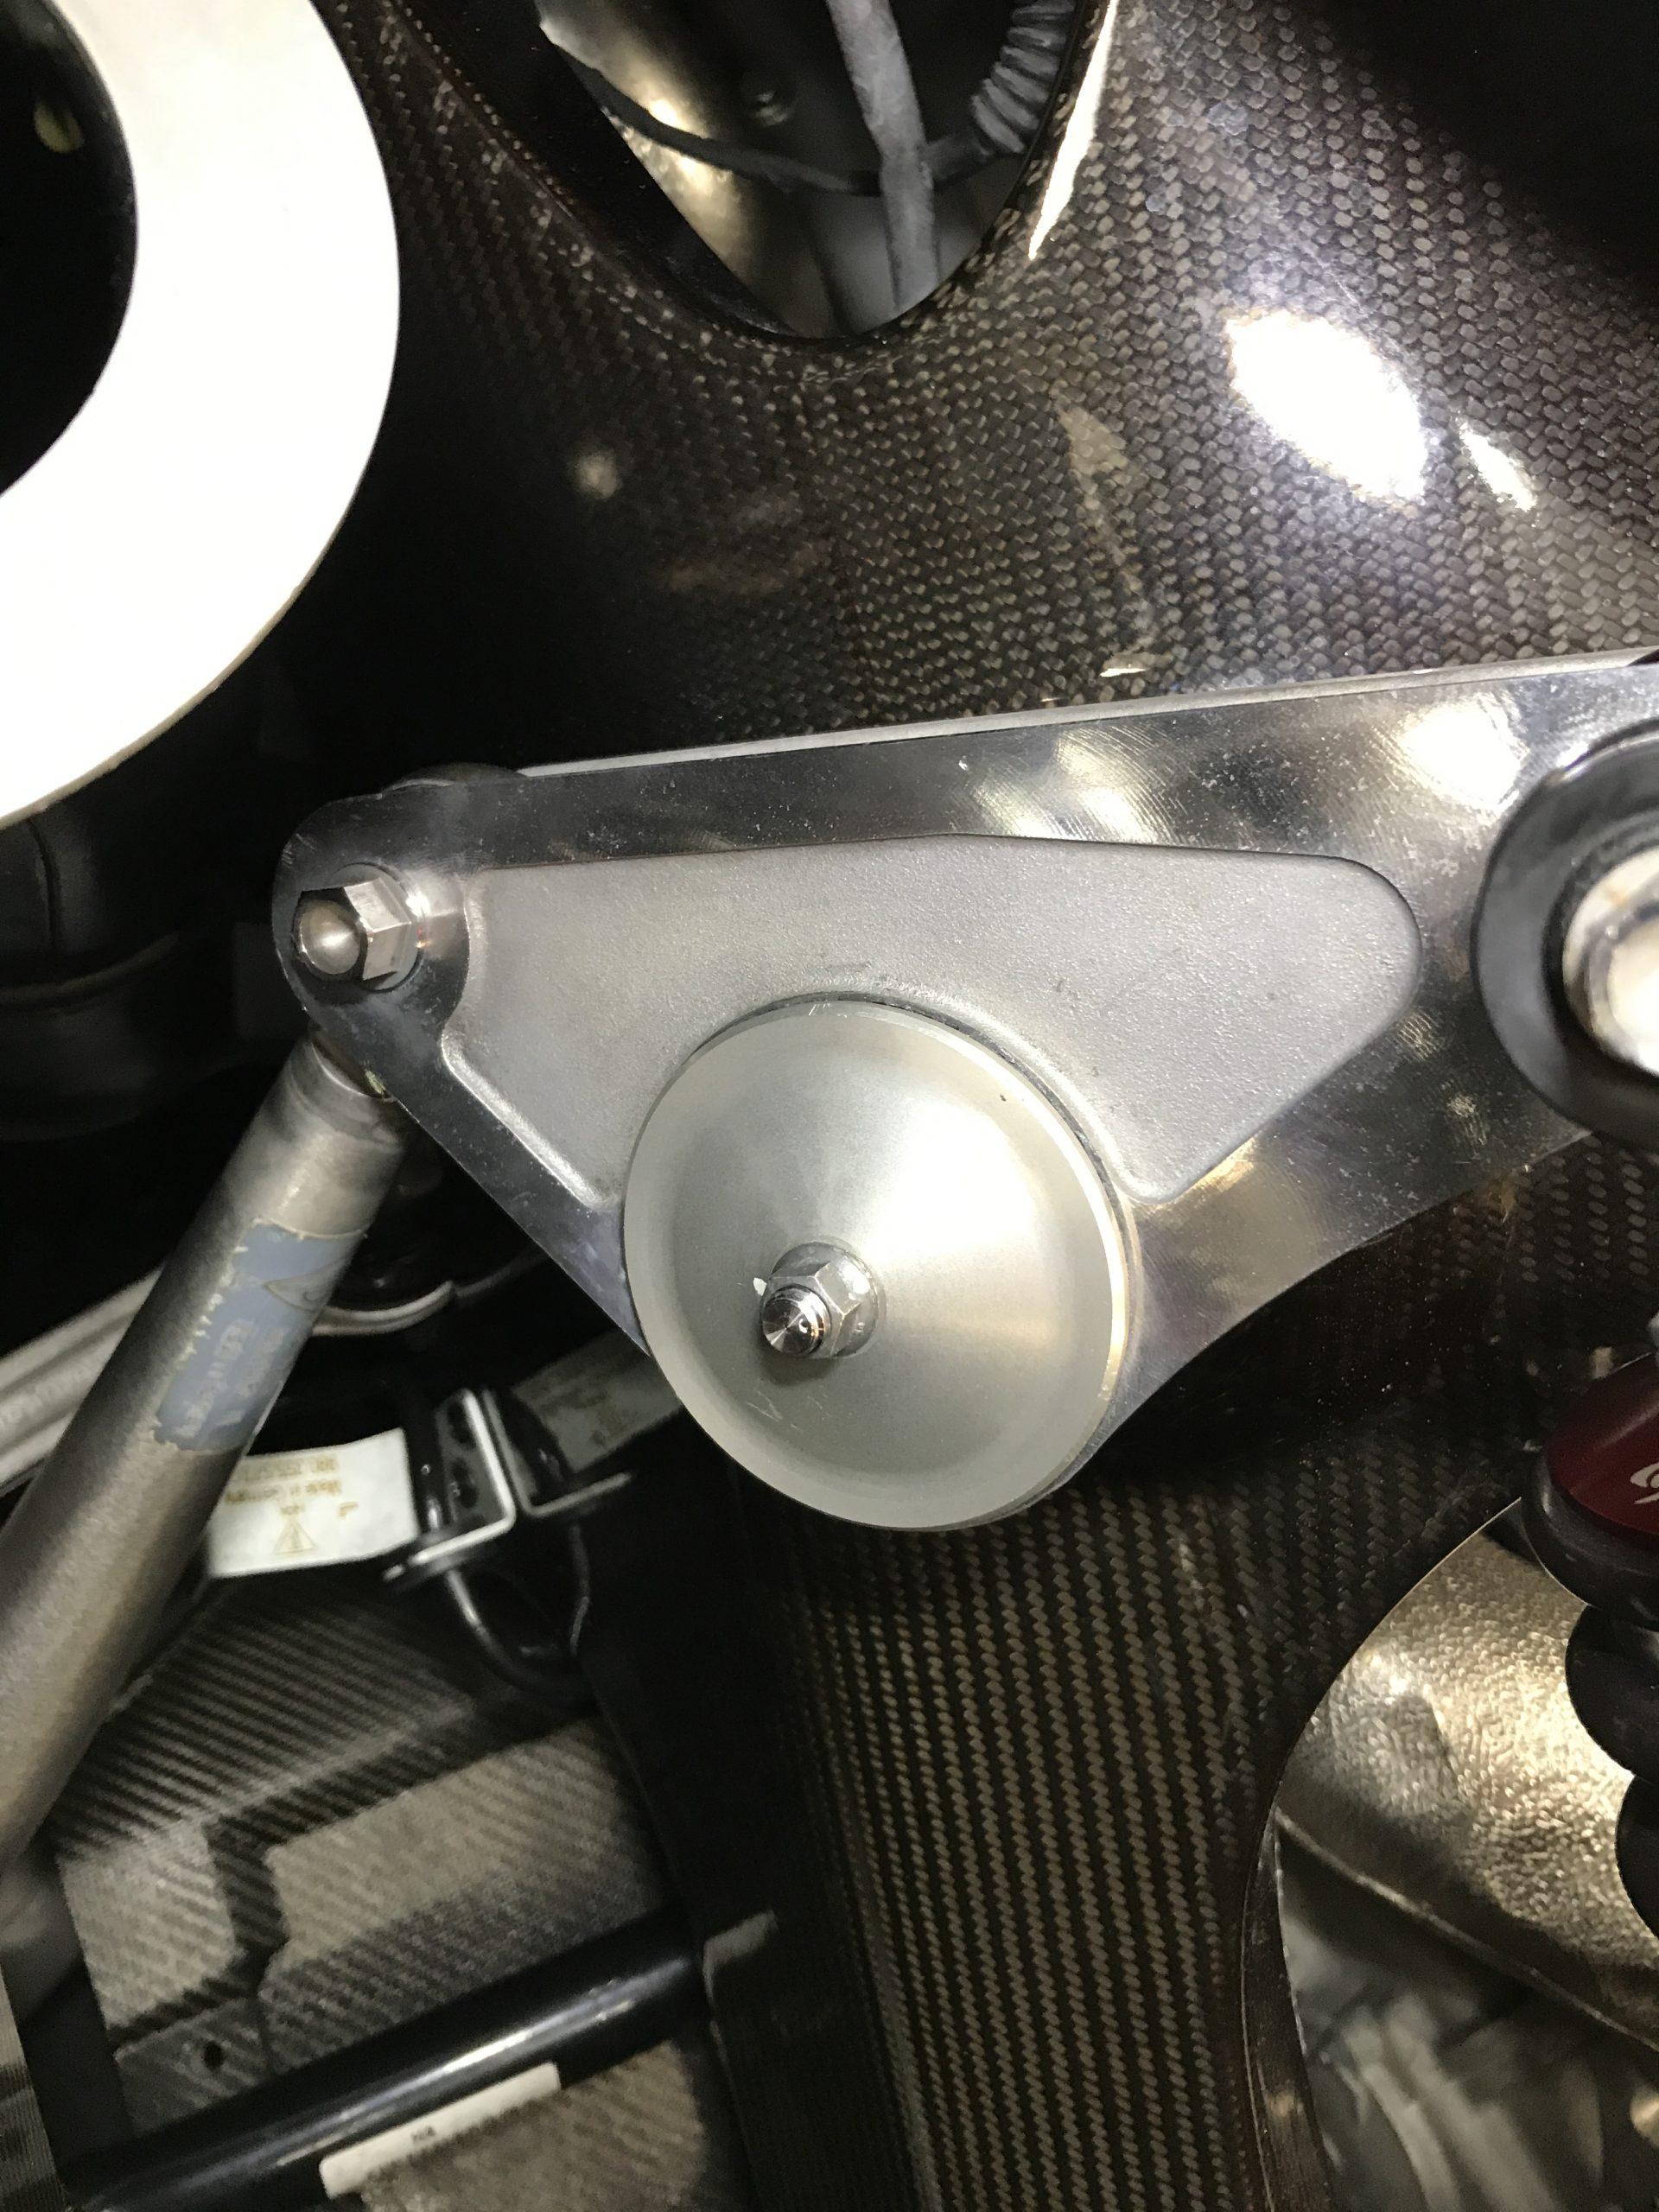 Porsche Engine detailing